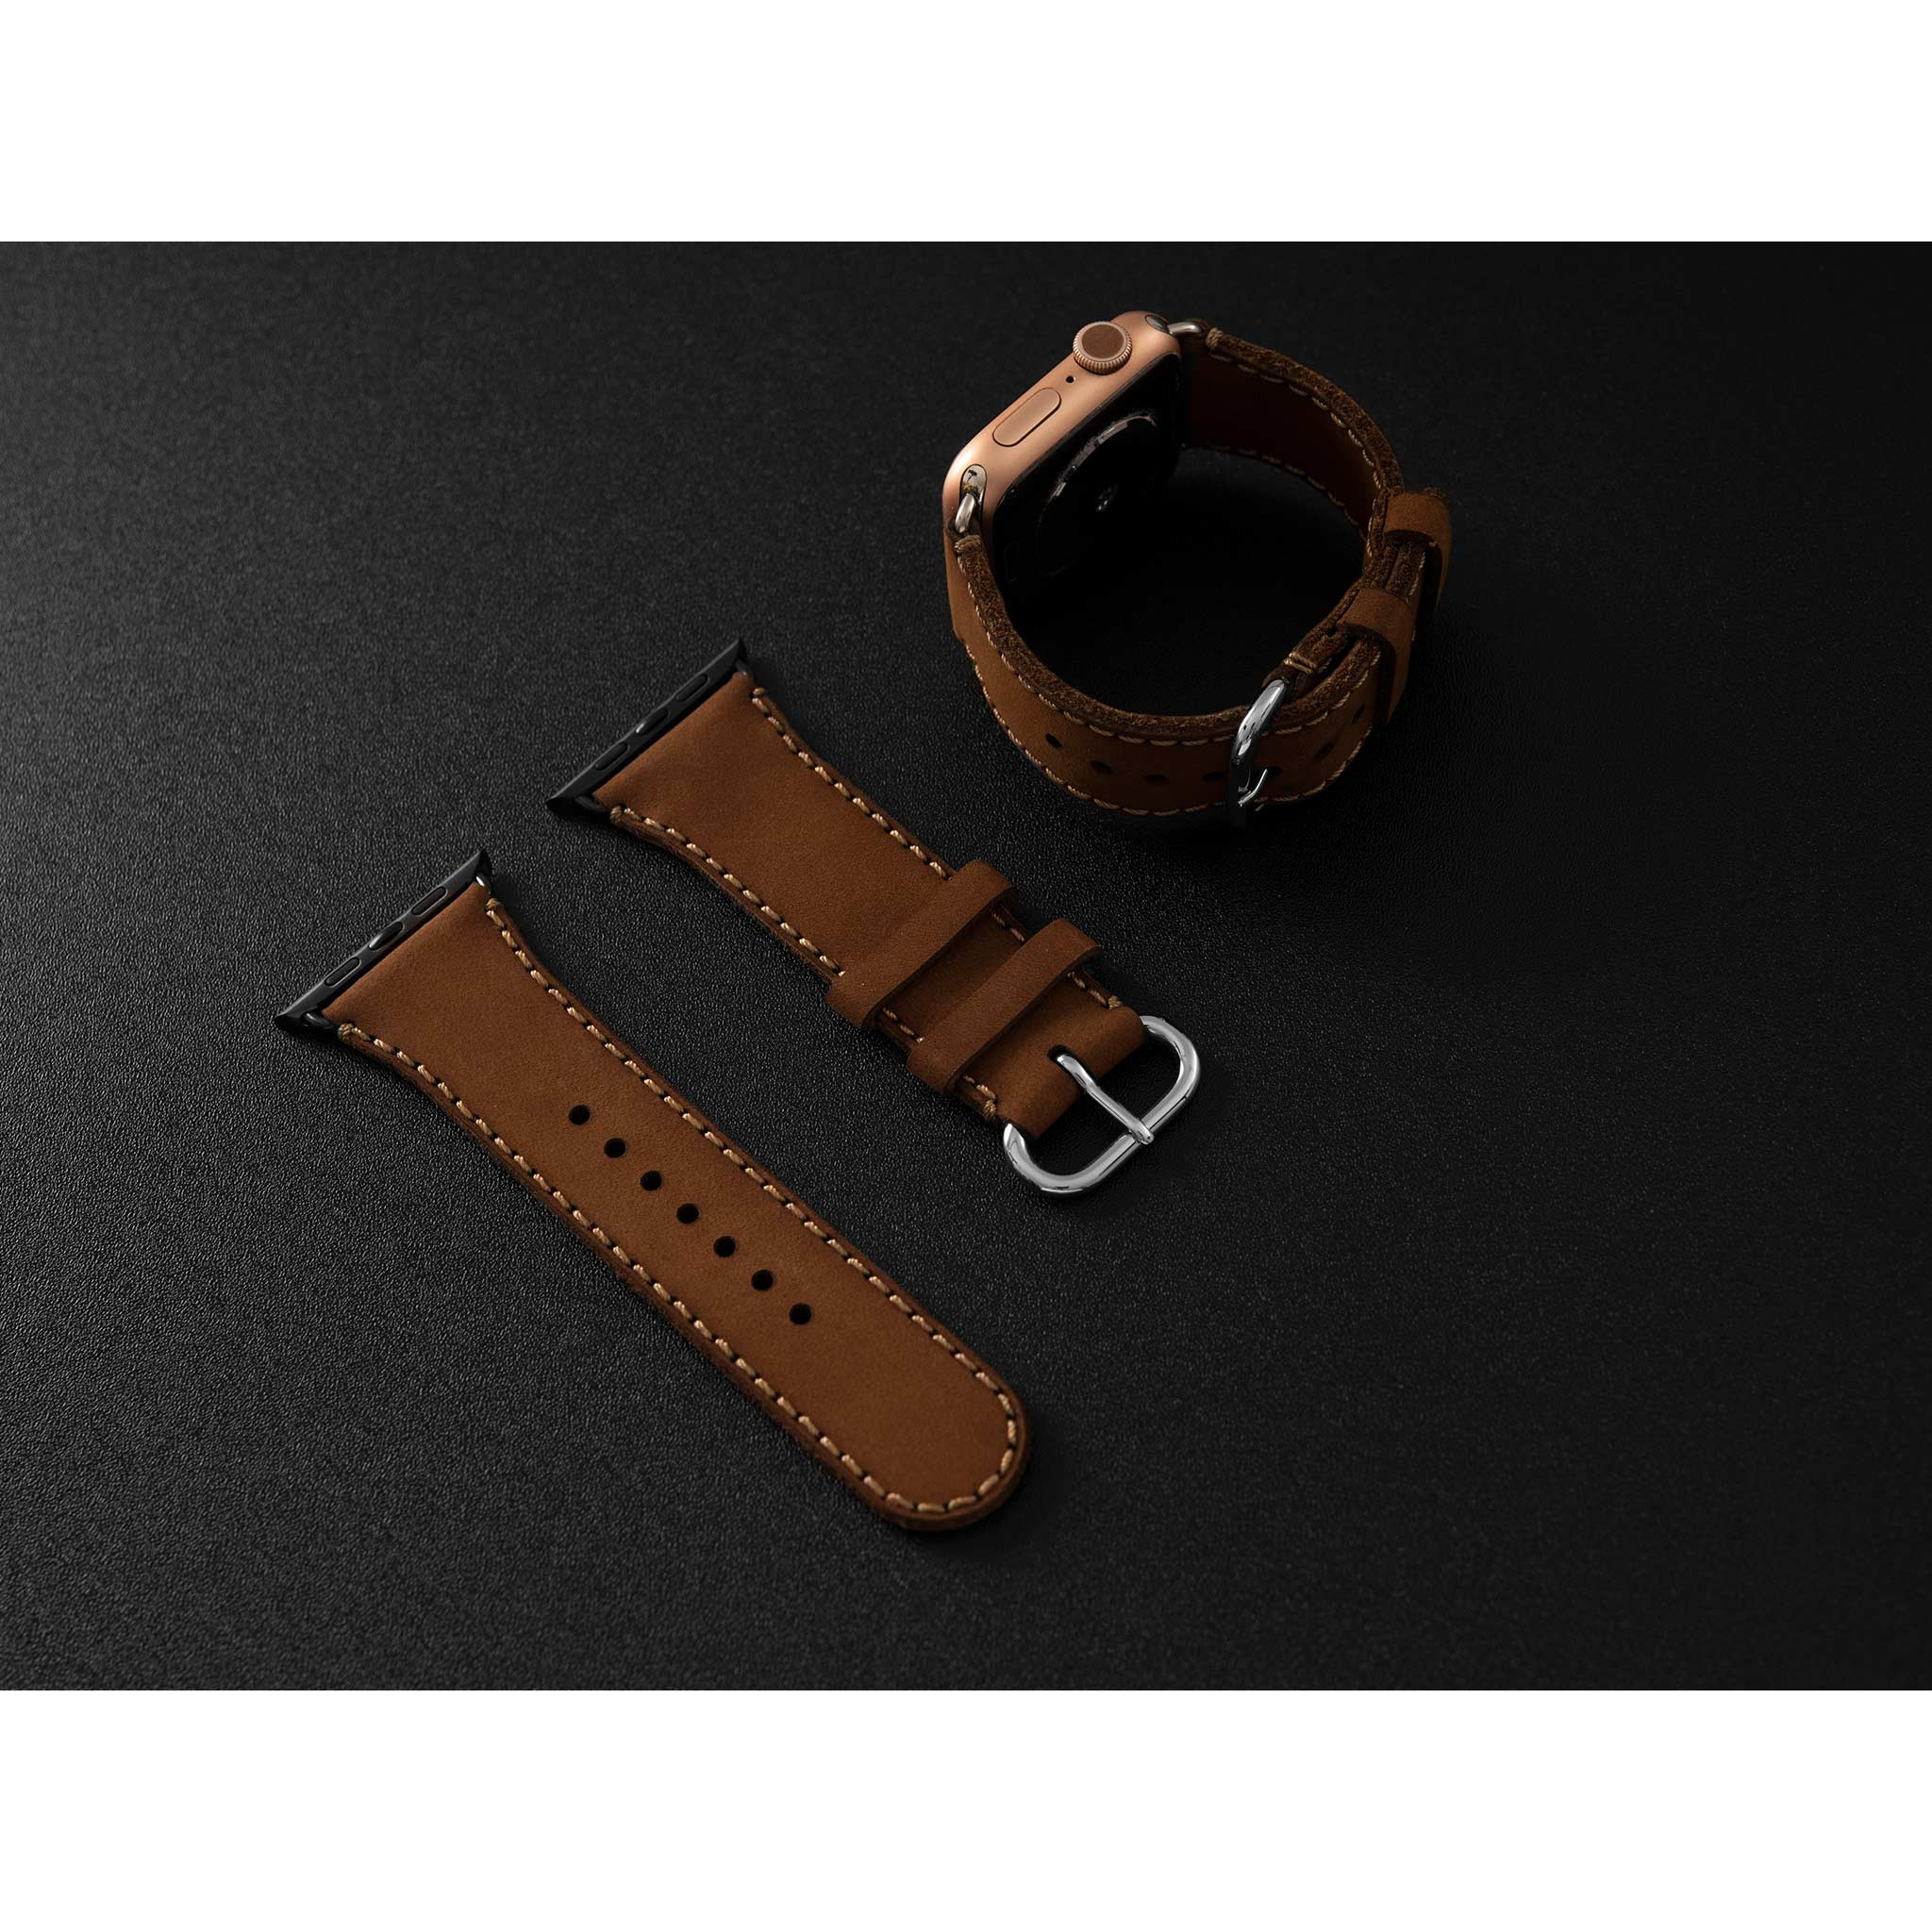 Dây da đồng hồ SEN Apple Watch size 38/40 - CHÍNH HÃNG KHACTEN.COM - NÂU SÁP - 175 - ADAPTER ĐEN